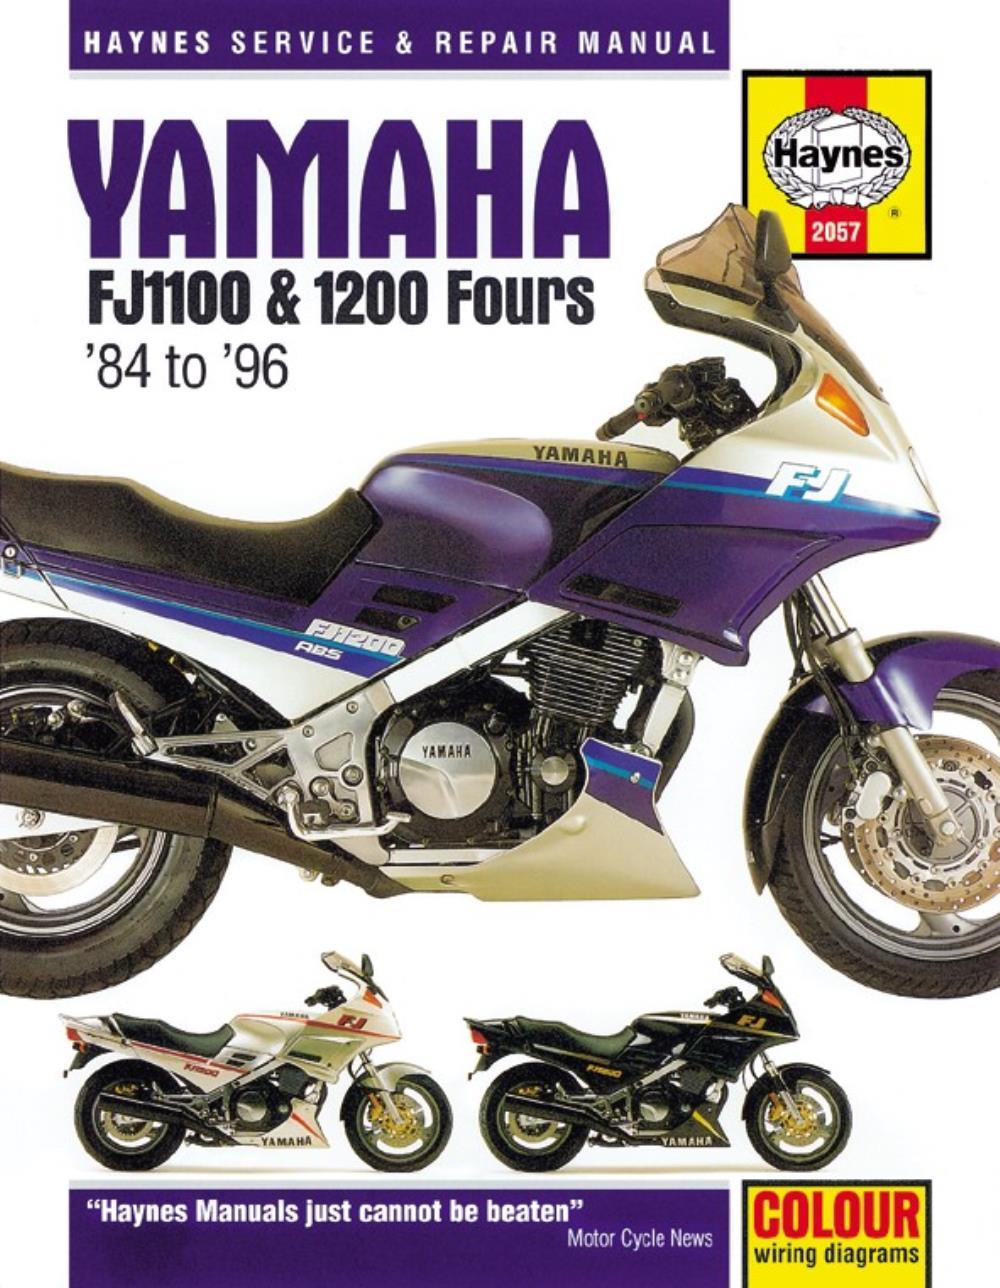 Motors Vehicle Parts & Accessories V MAX Haynes Workshop Manual ...